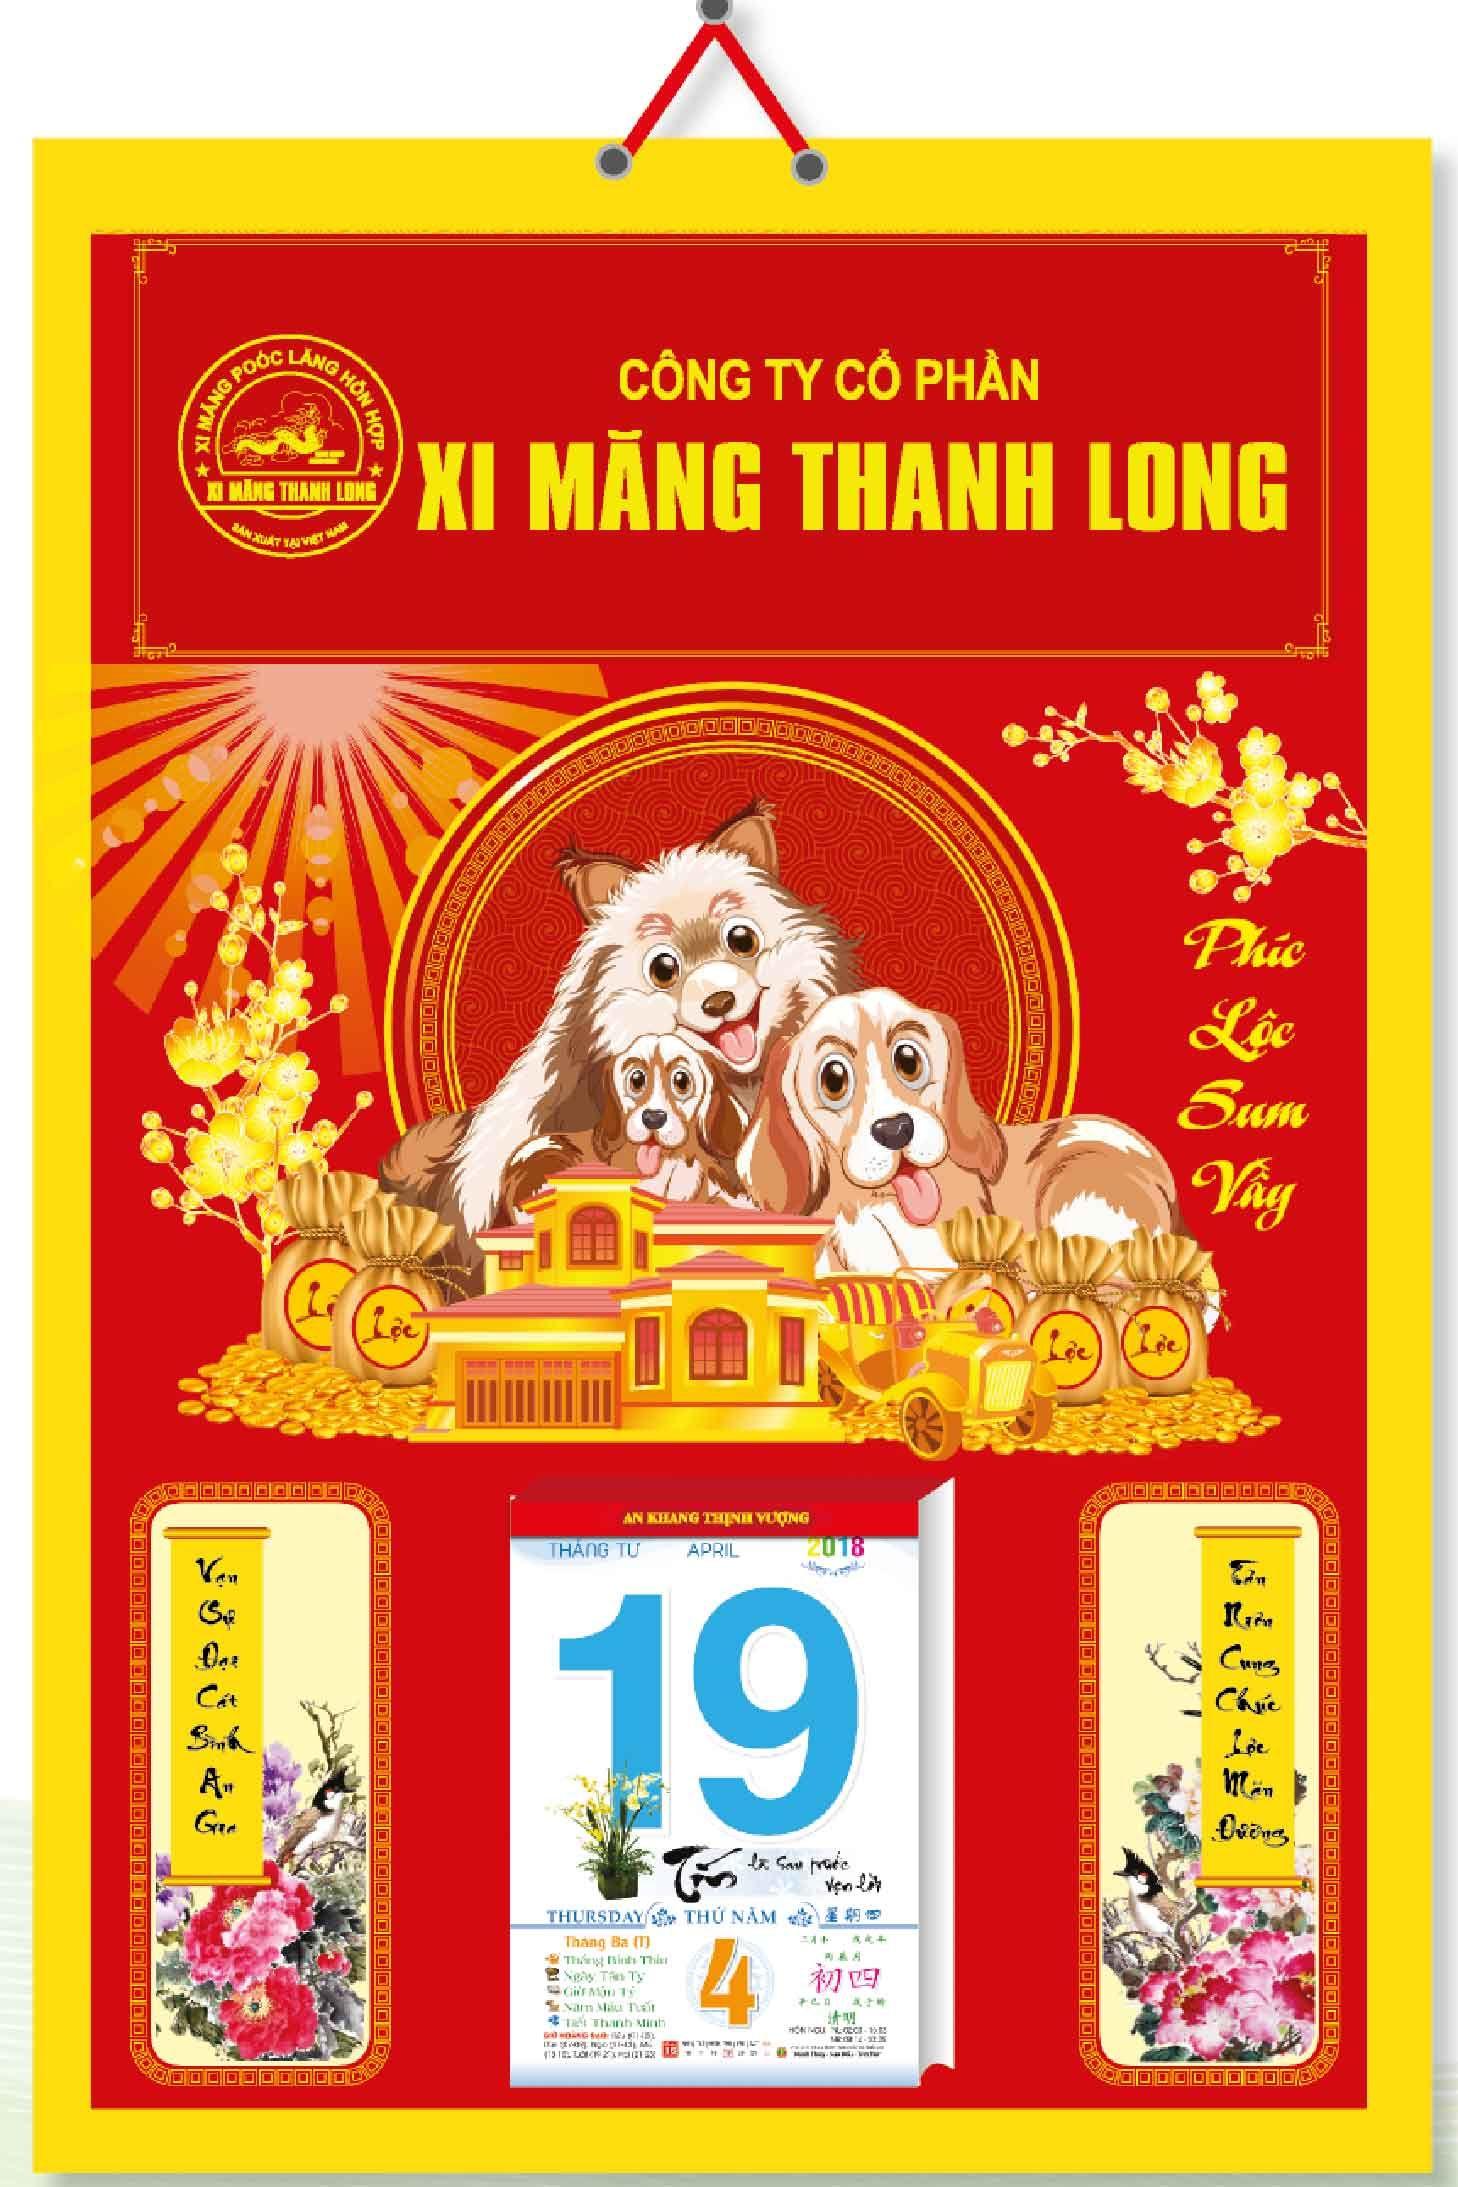 KV348 - Bìa Treo Lịch 2018 Đỏ Bế Nổi (40 x 60 cm) - Bế Nổi Phúc Lộc Sum Vầy - EBOOK/PDF/PRC/EPUB